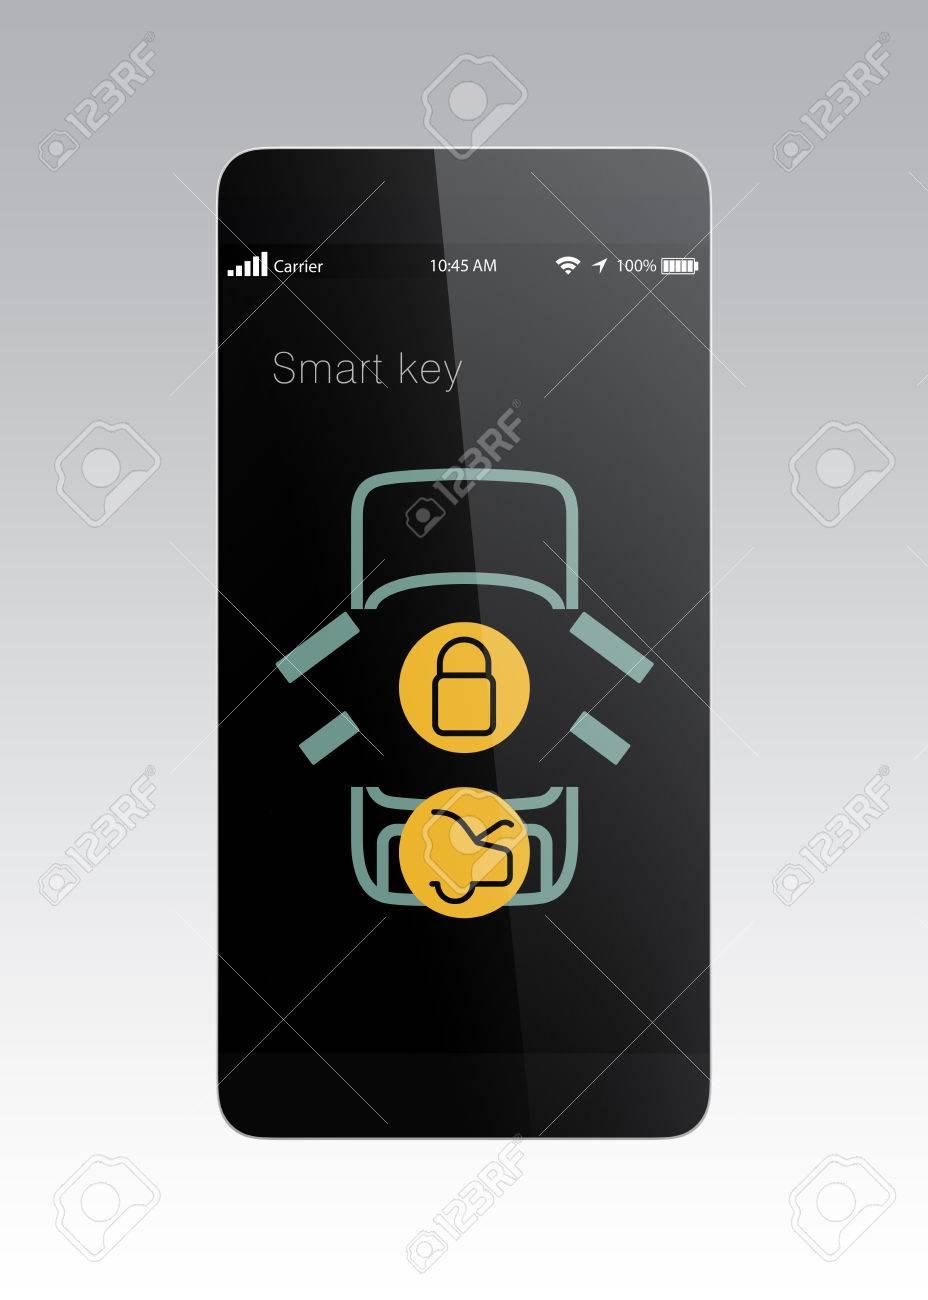 Incroyable Smart Phone App For Lock And Unlock Car Door. Door Unlocked. Stock Photo